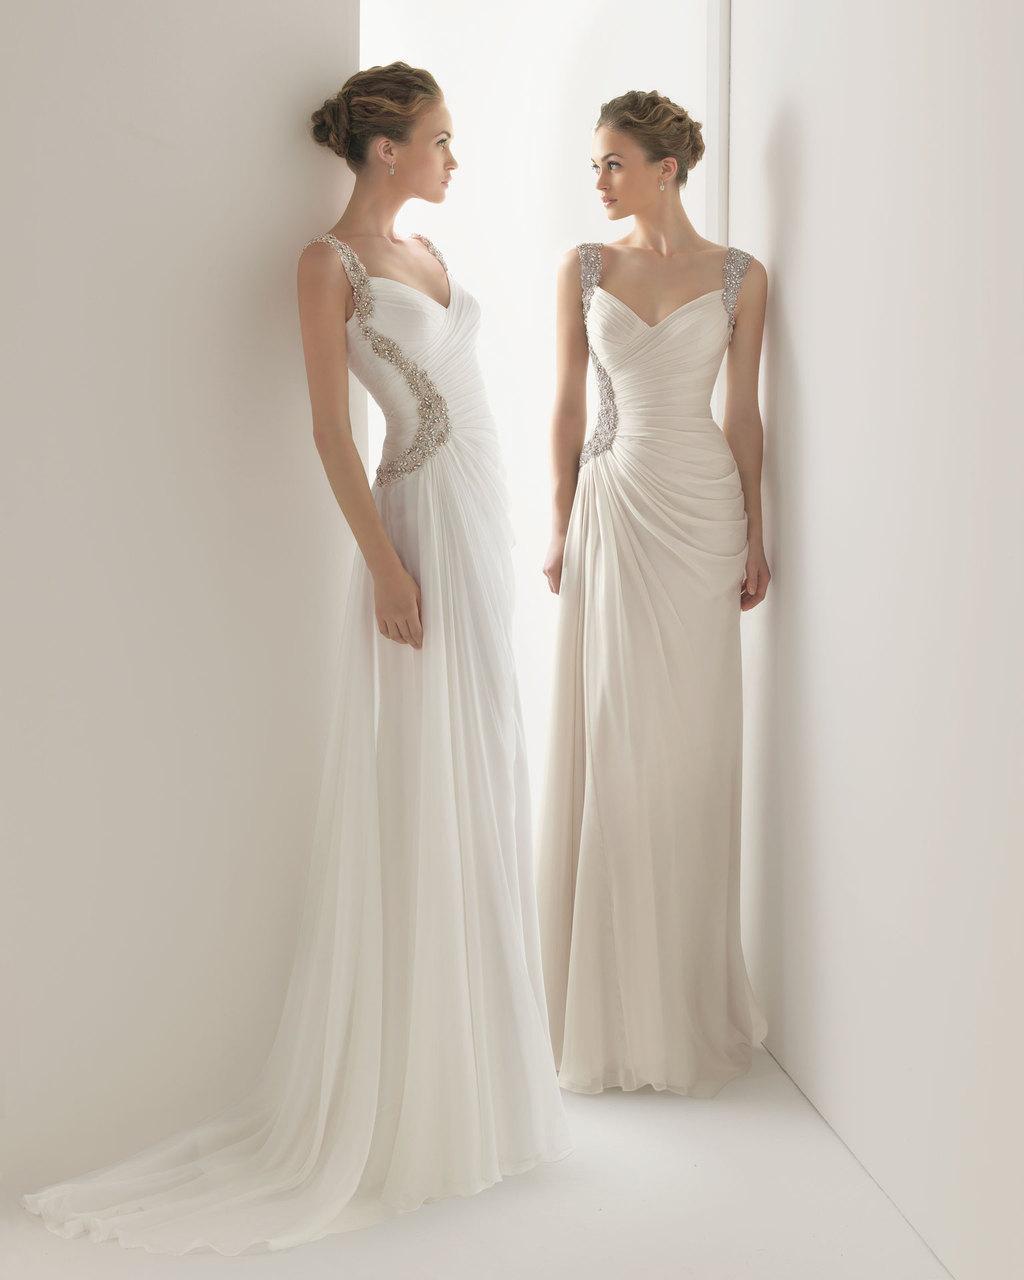 2013-wedding-dress-soft-by-rosa-clara-bridal-gowns-jara.full